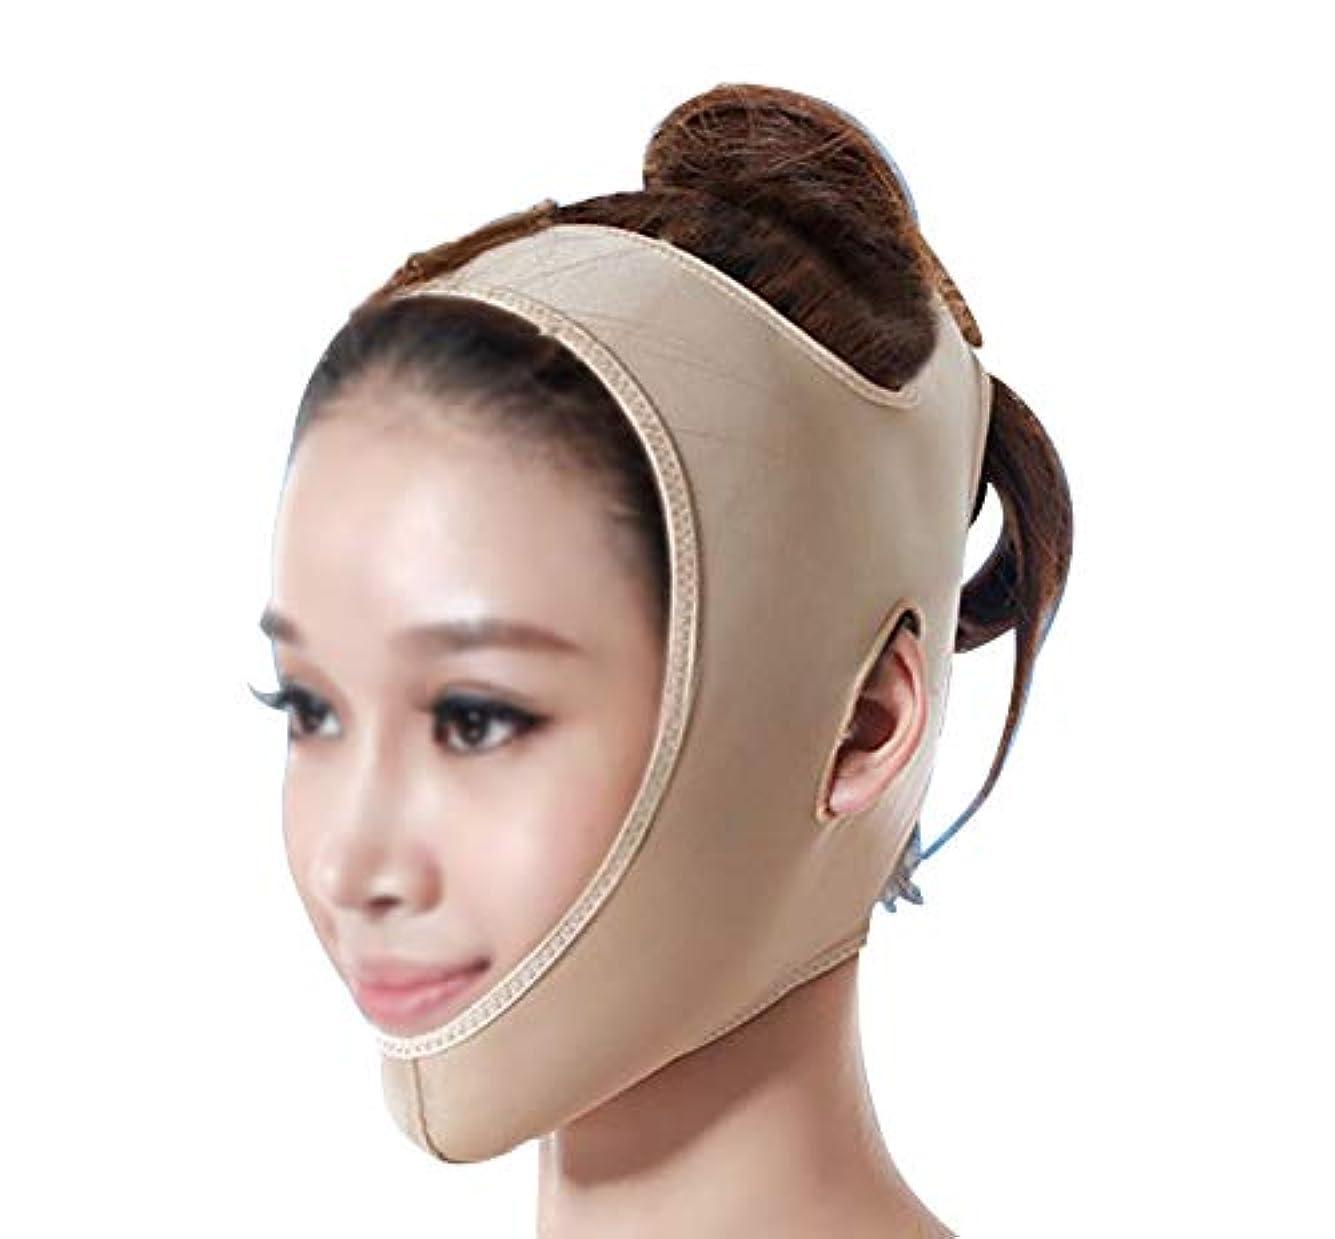 服を着る滅多著者TLMY 引き締めマスクマスク美容薬マスク美容V顔包帯ライン彫刻引き締めしっかりダブルチンマスク 顔用整形マスク (Size : M)